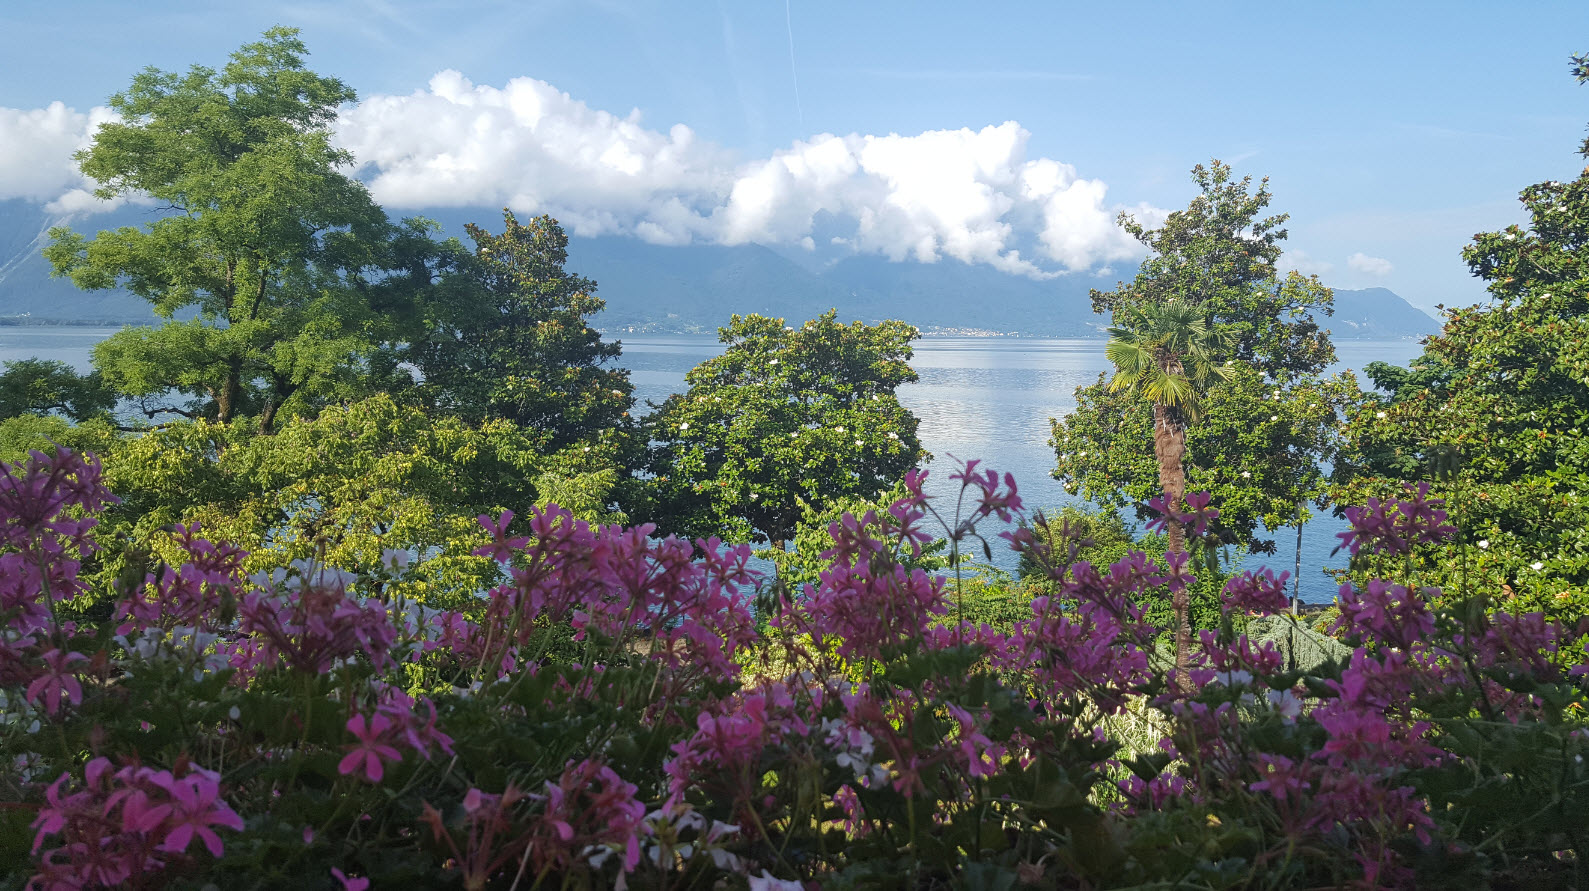 Vue sur le lac Leman